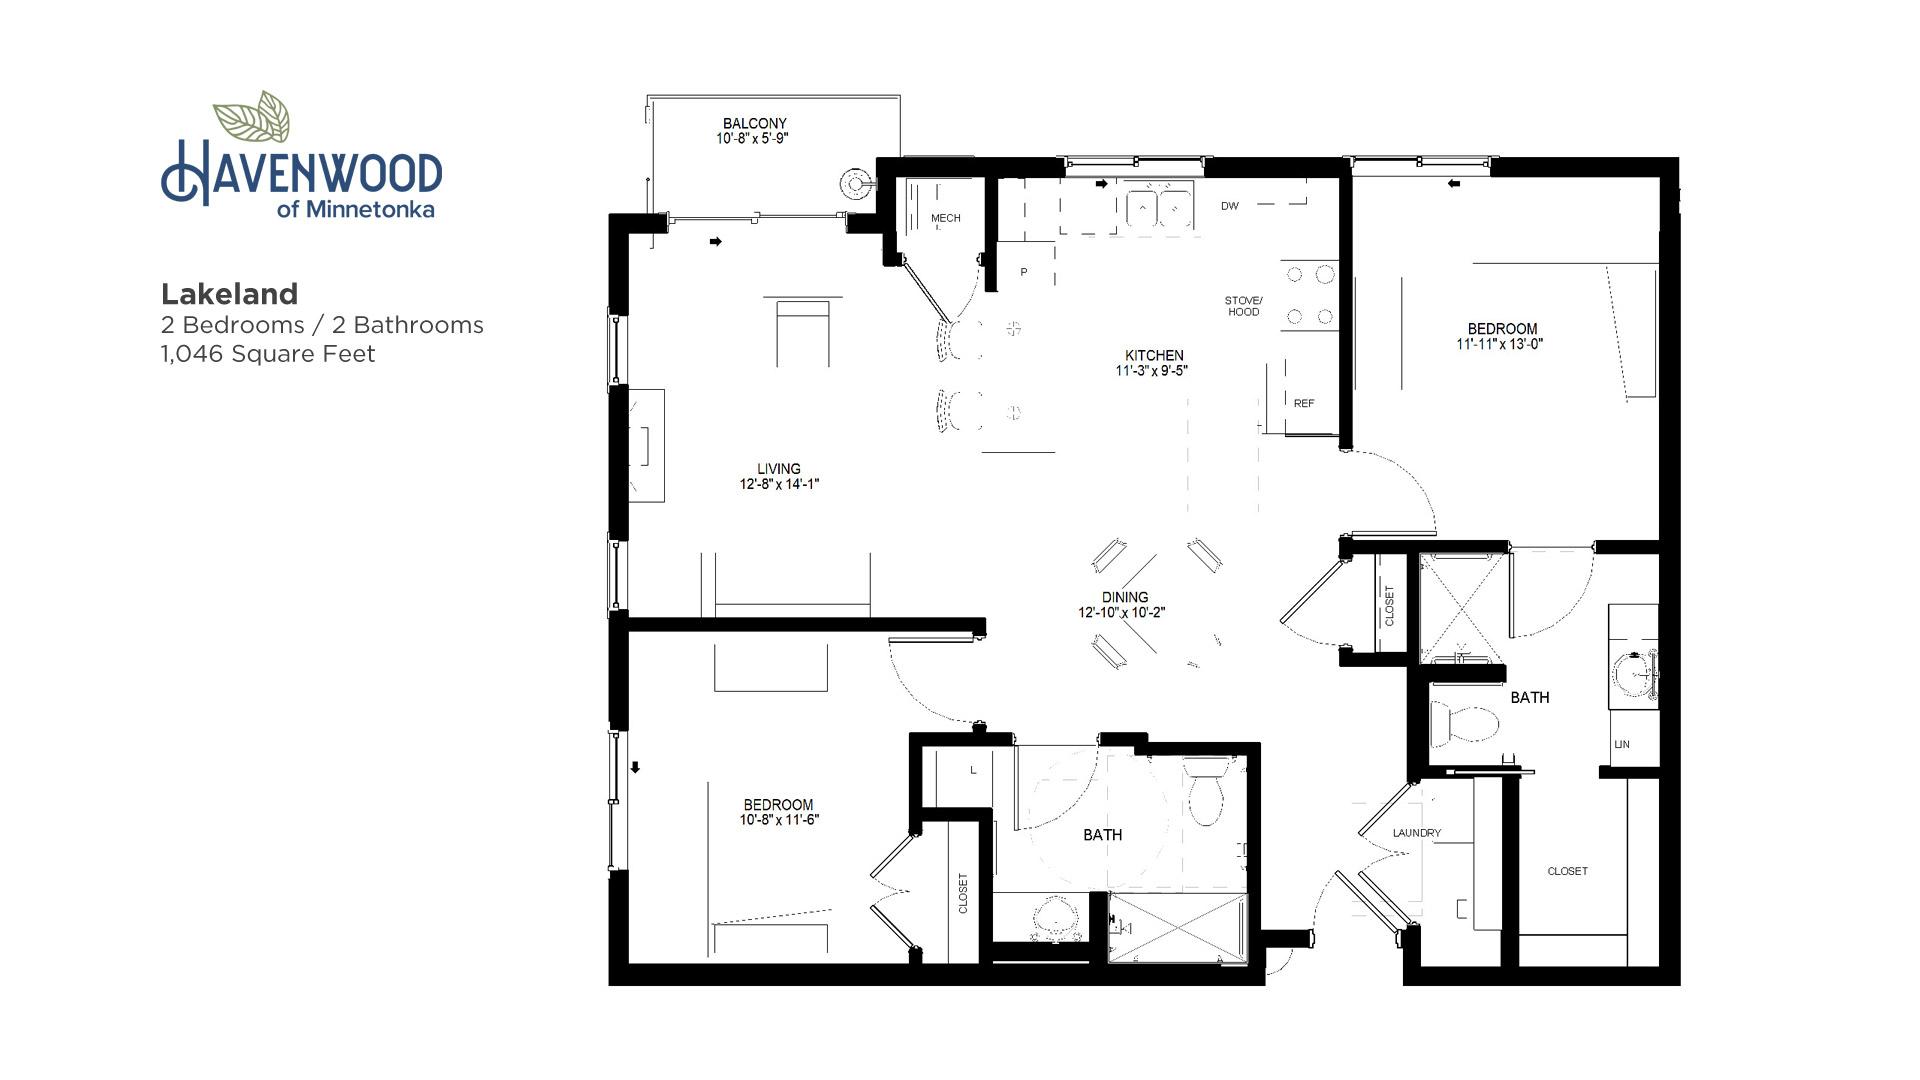 Havenwood of Minnetonka Lakeland Floor Plan